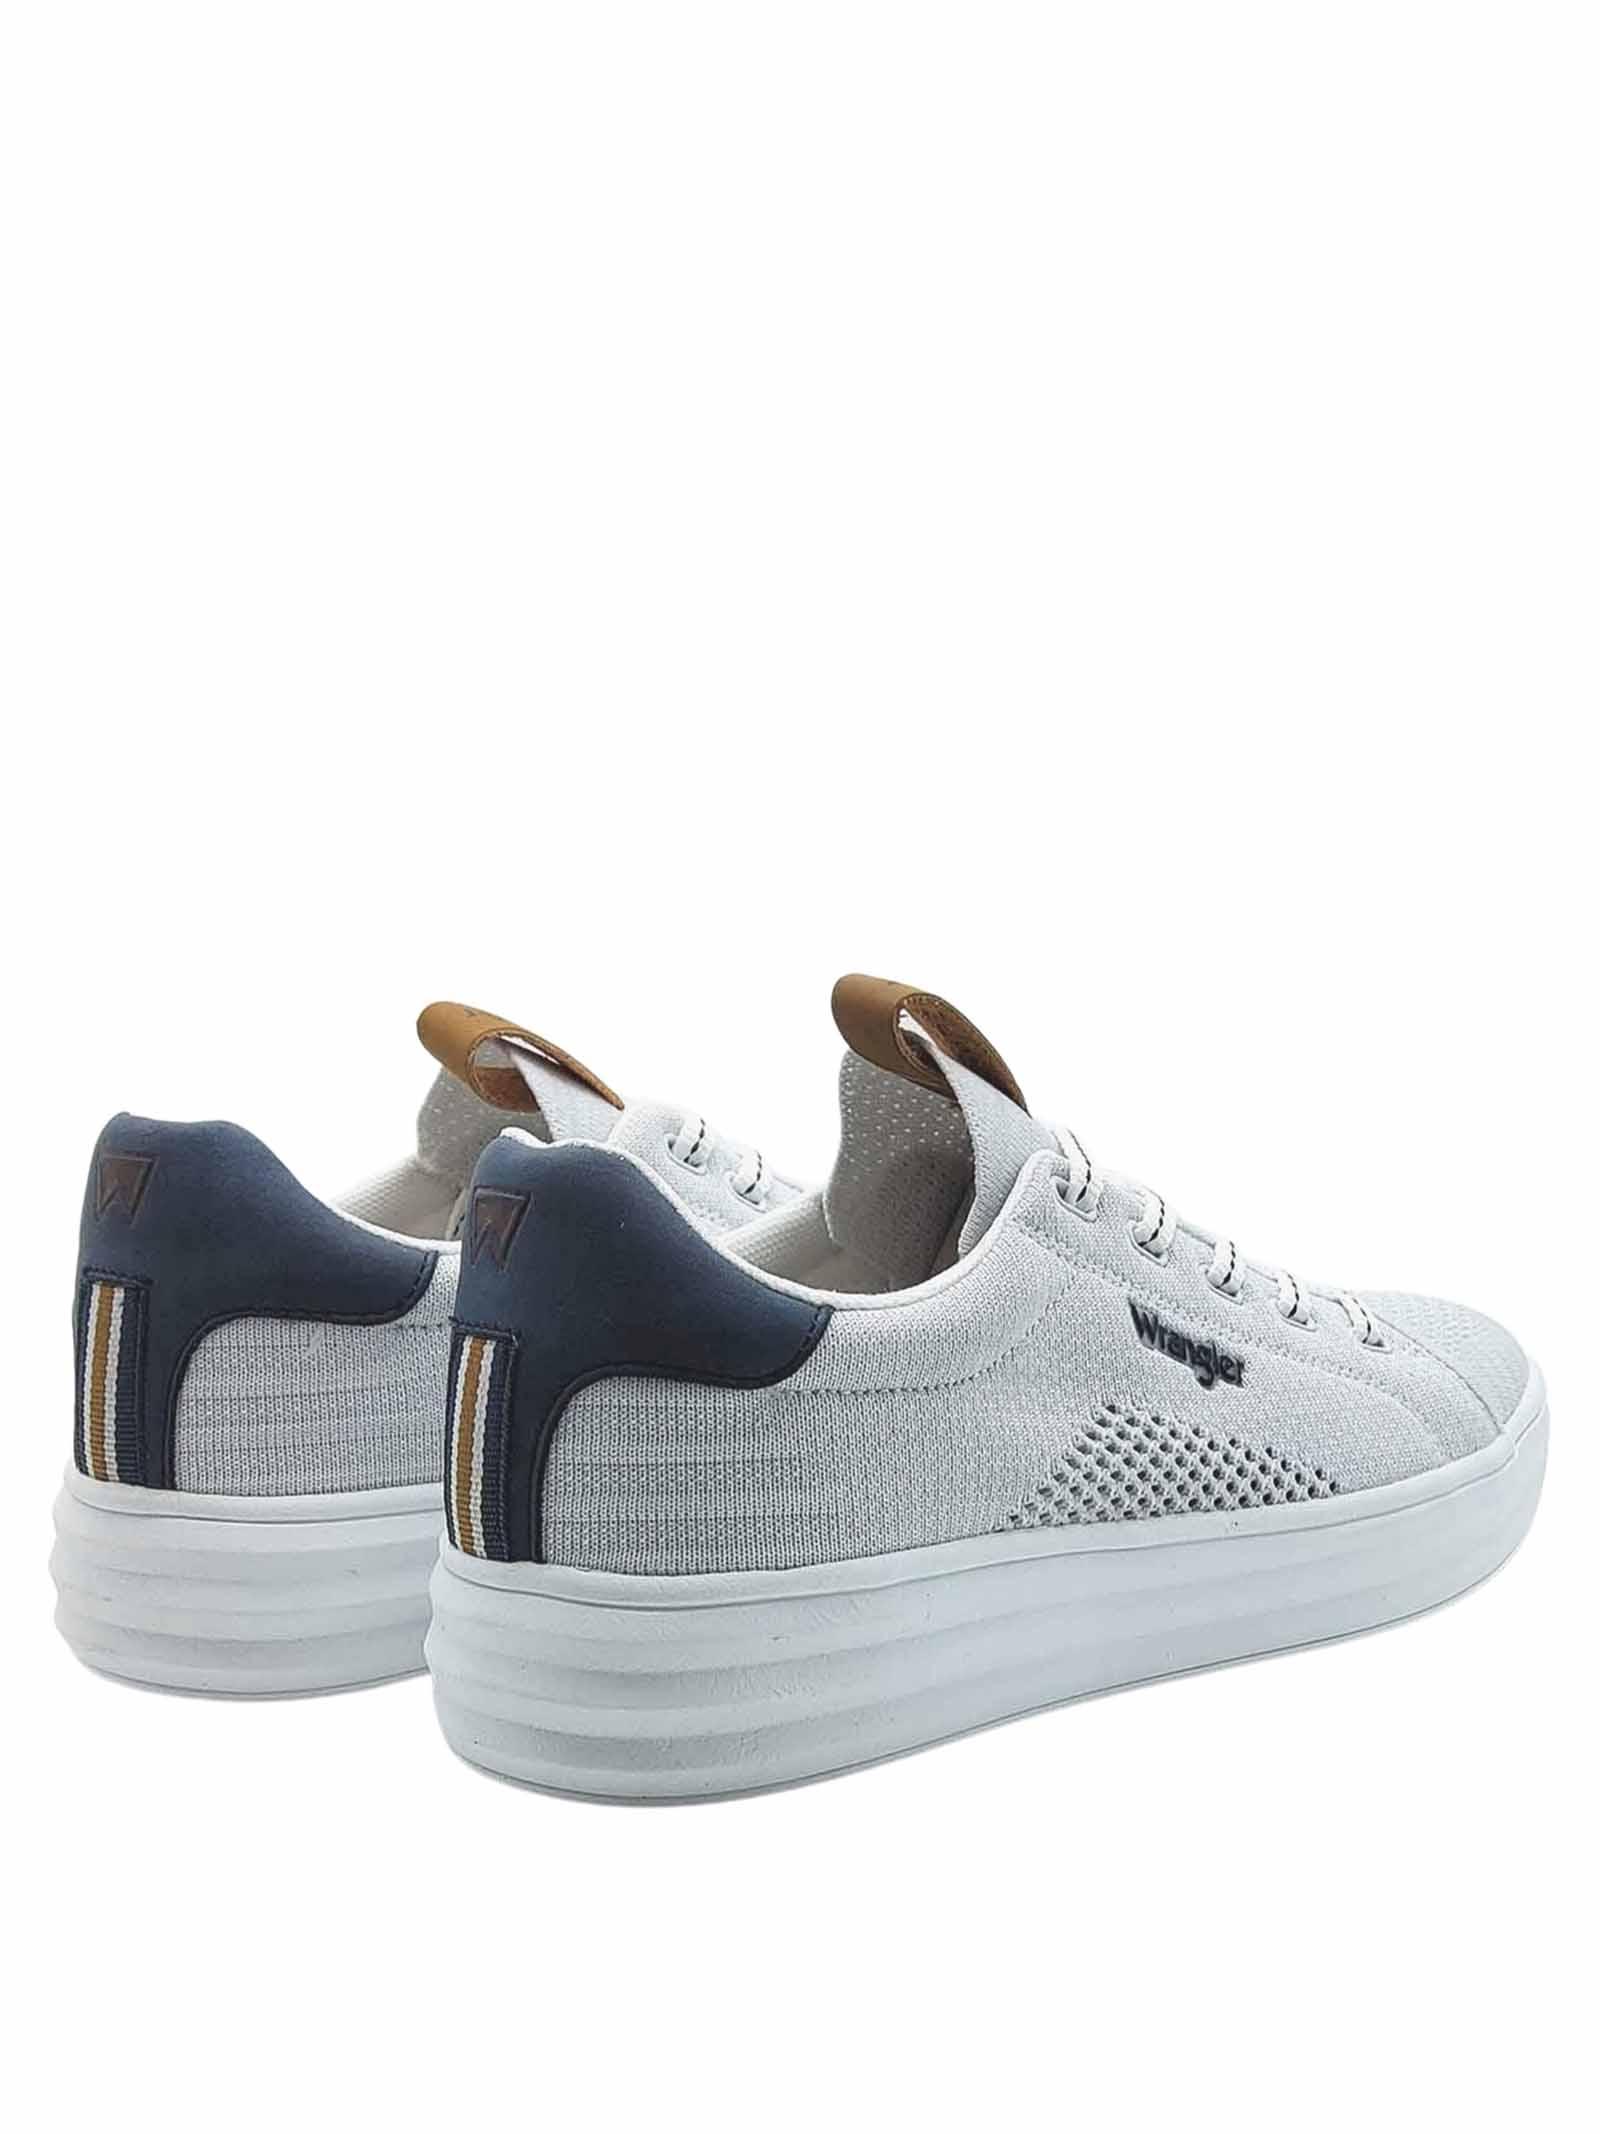 Calzature Uomo Sneakers Jelly Stringate in Tessuto Bianco e Suola in Gomma Bianca Ultra Leggera Wrangler   Sneakers   WM11000A100